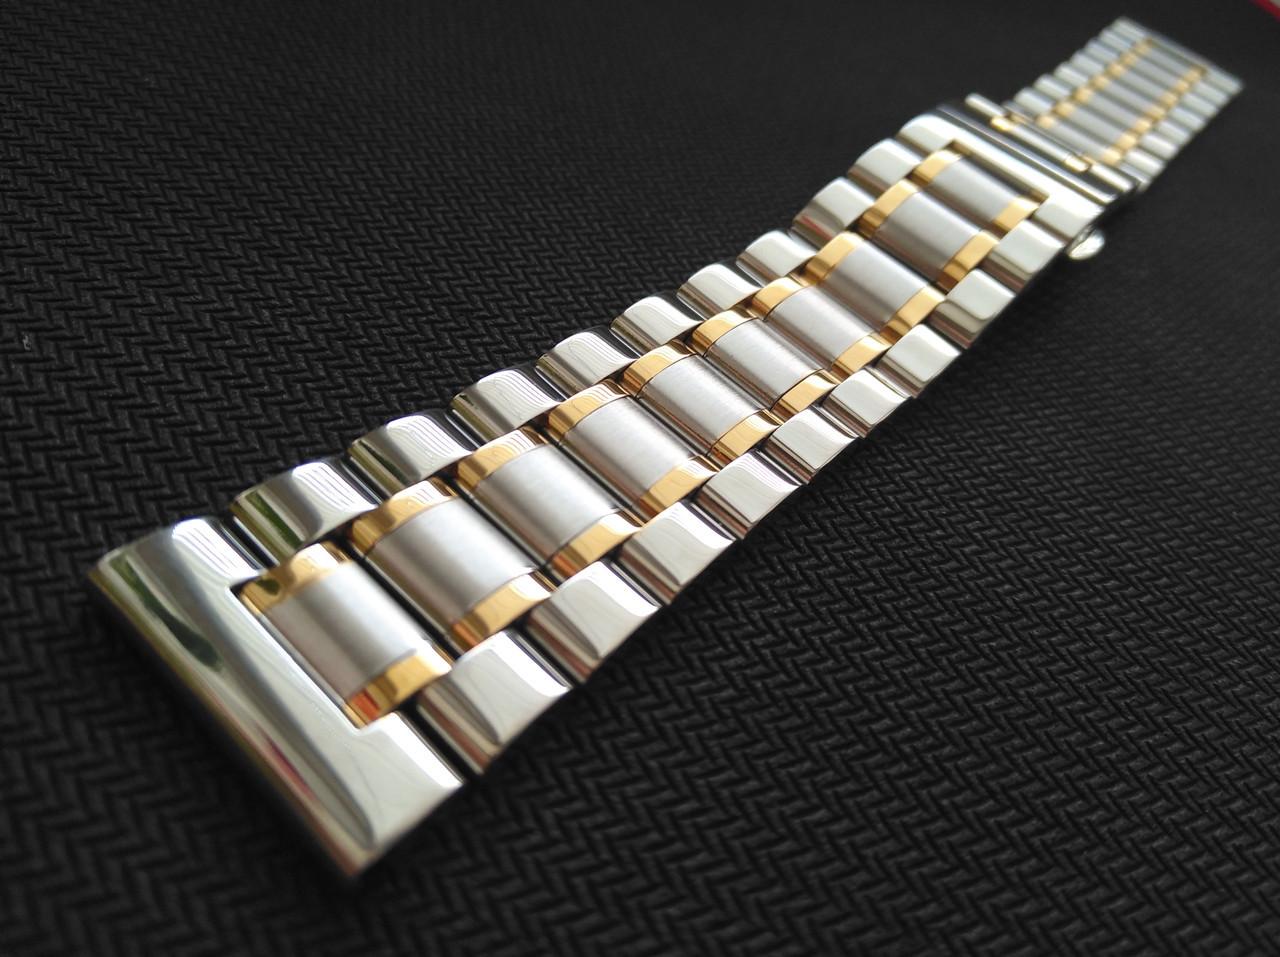 Браслет для часов из нержавеющей стали 316L, литой, глянец/мат с позолотой. 20 мм